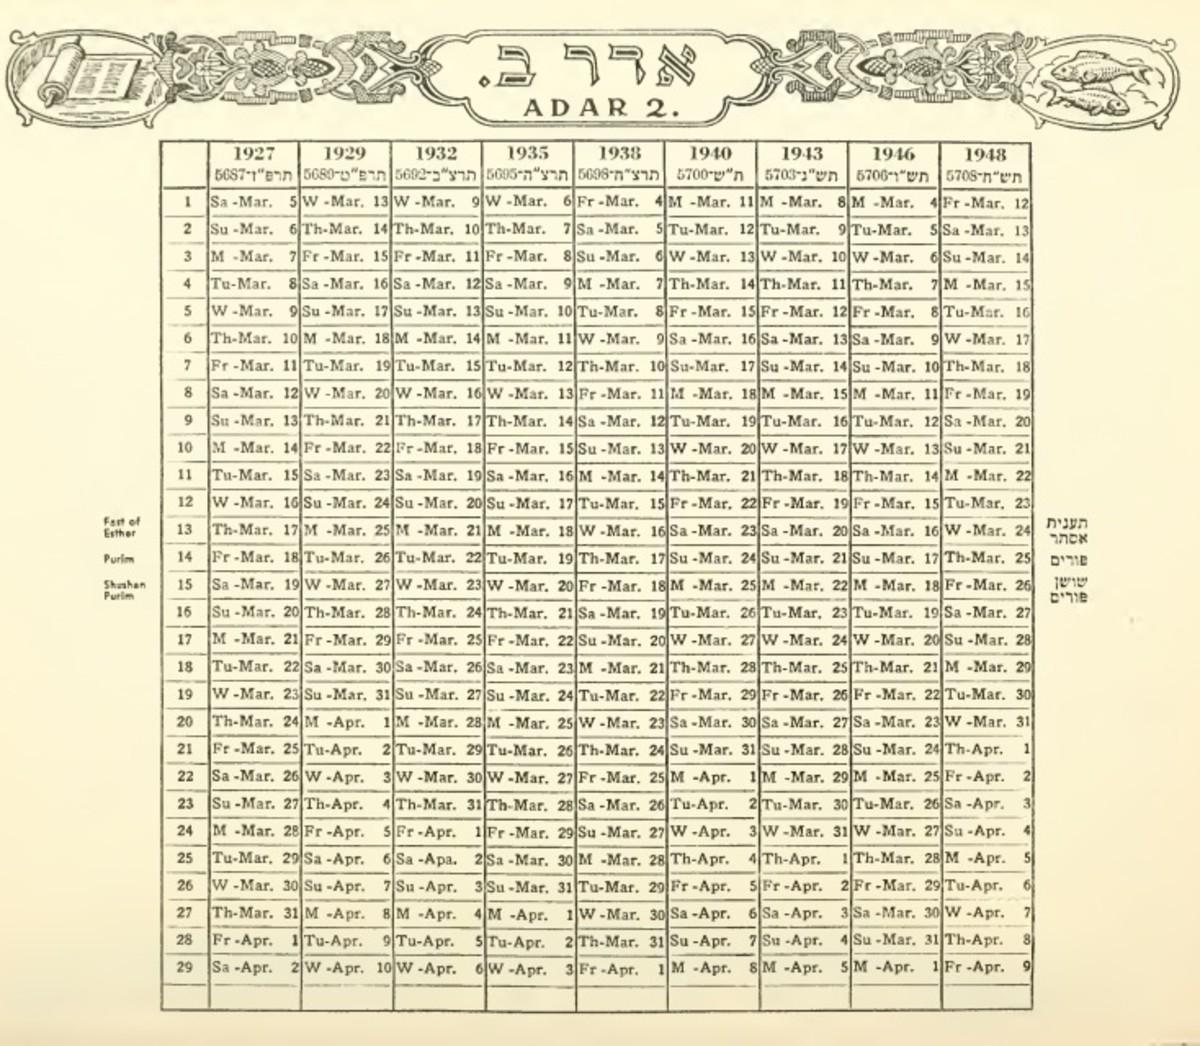 Hebrew Calendar, a lunisolar calendar